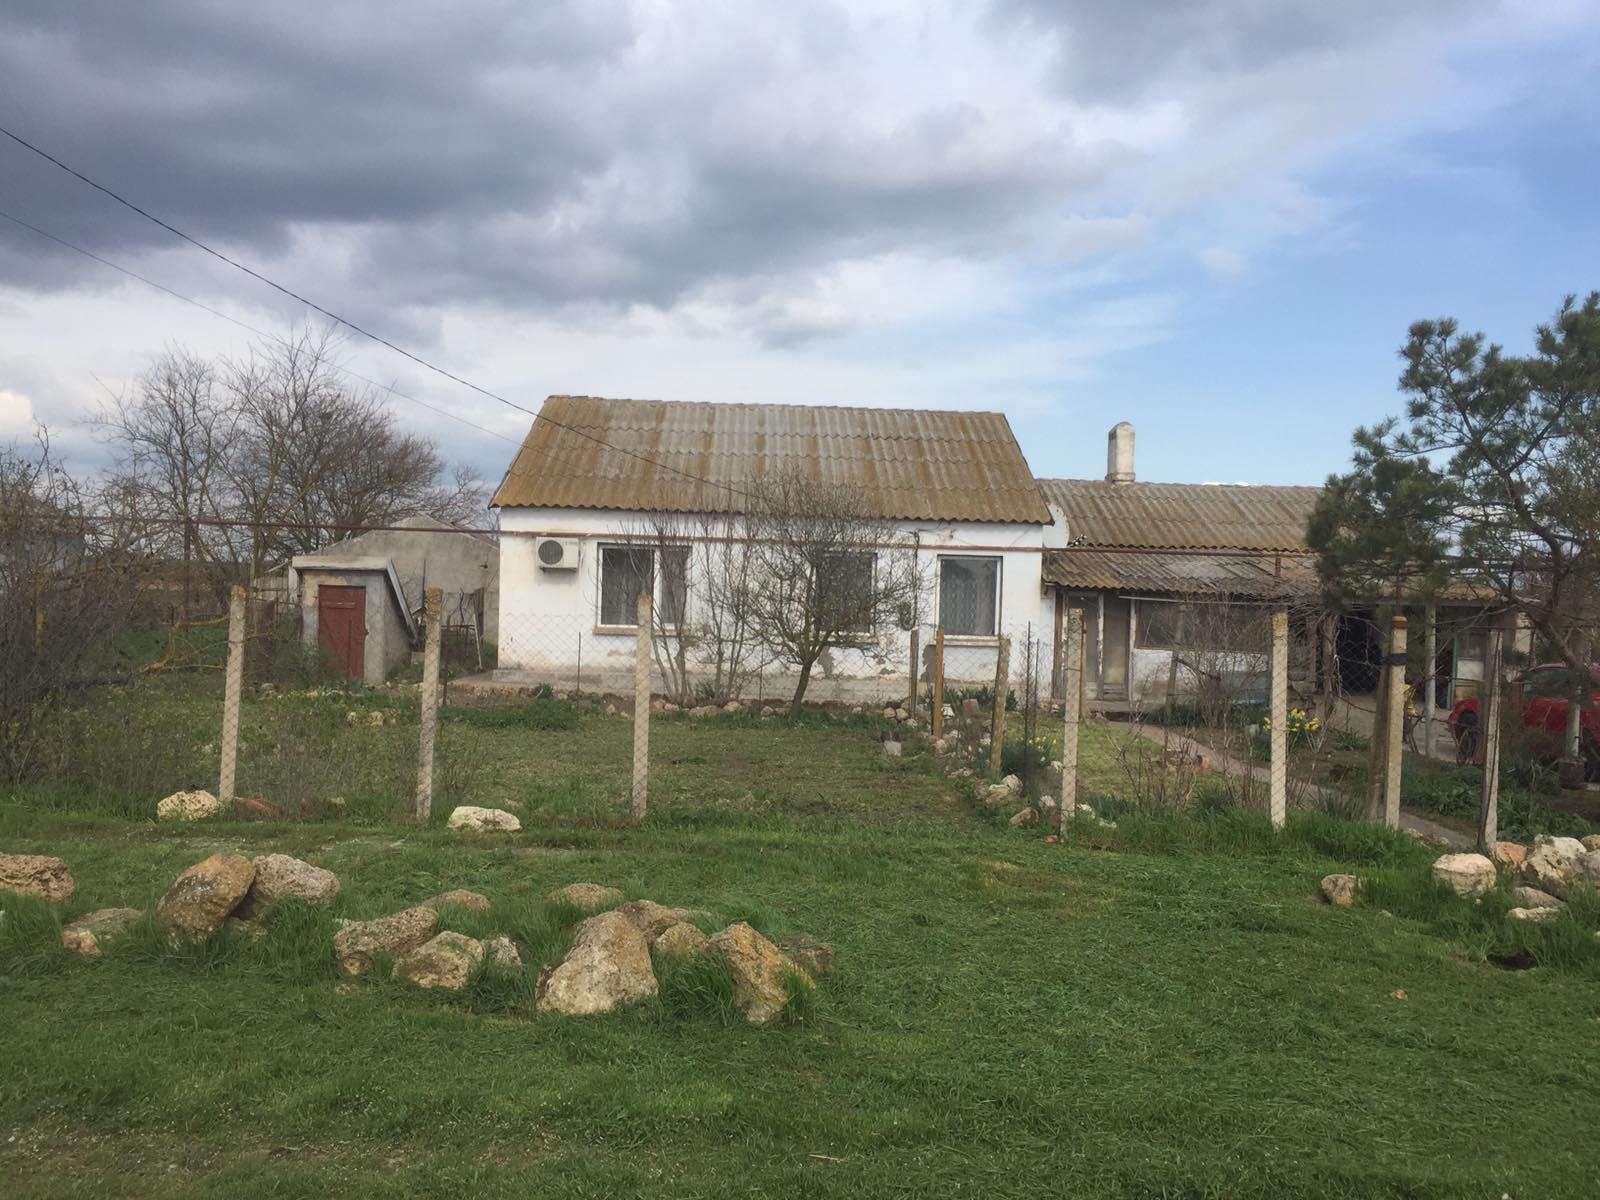 Продается Жилой Дом в Крыму в 18 км от Евпатории с.Добрушино Сакского район ...